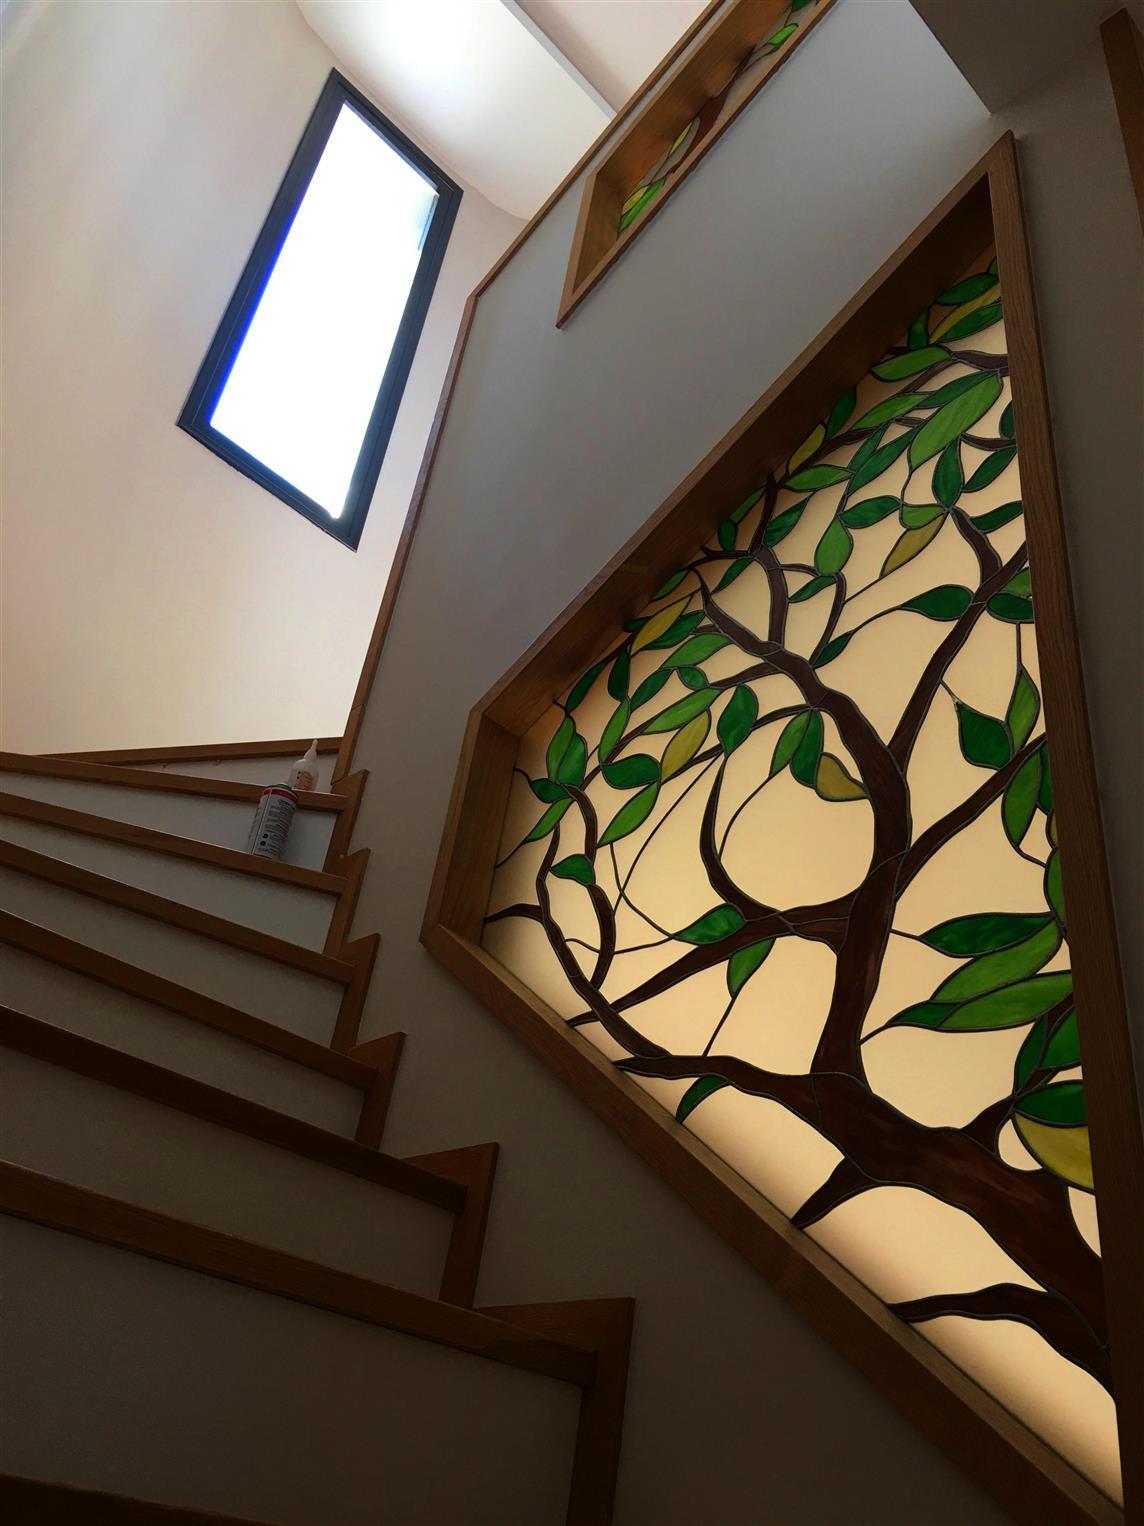 kapi-ve-merdiven-trabzan-vitraylari20171221192057944.jpg izmir vitray çalışması